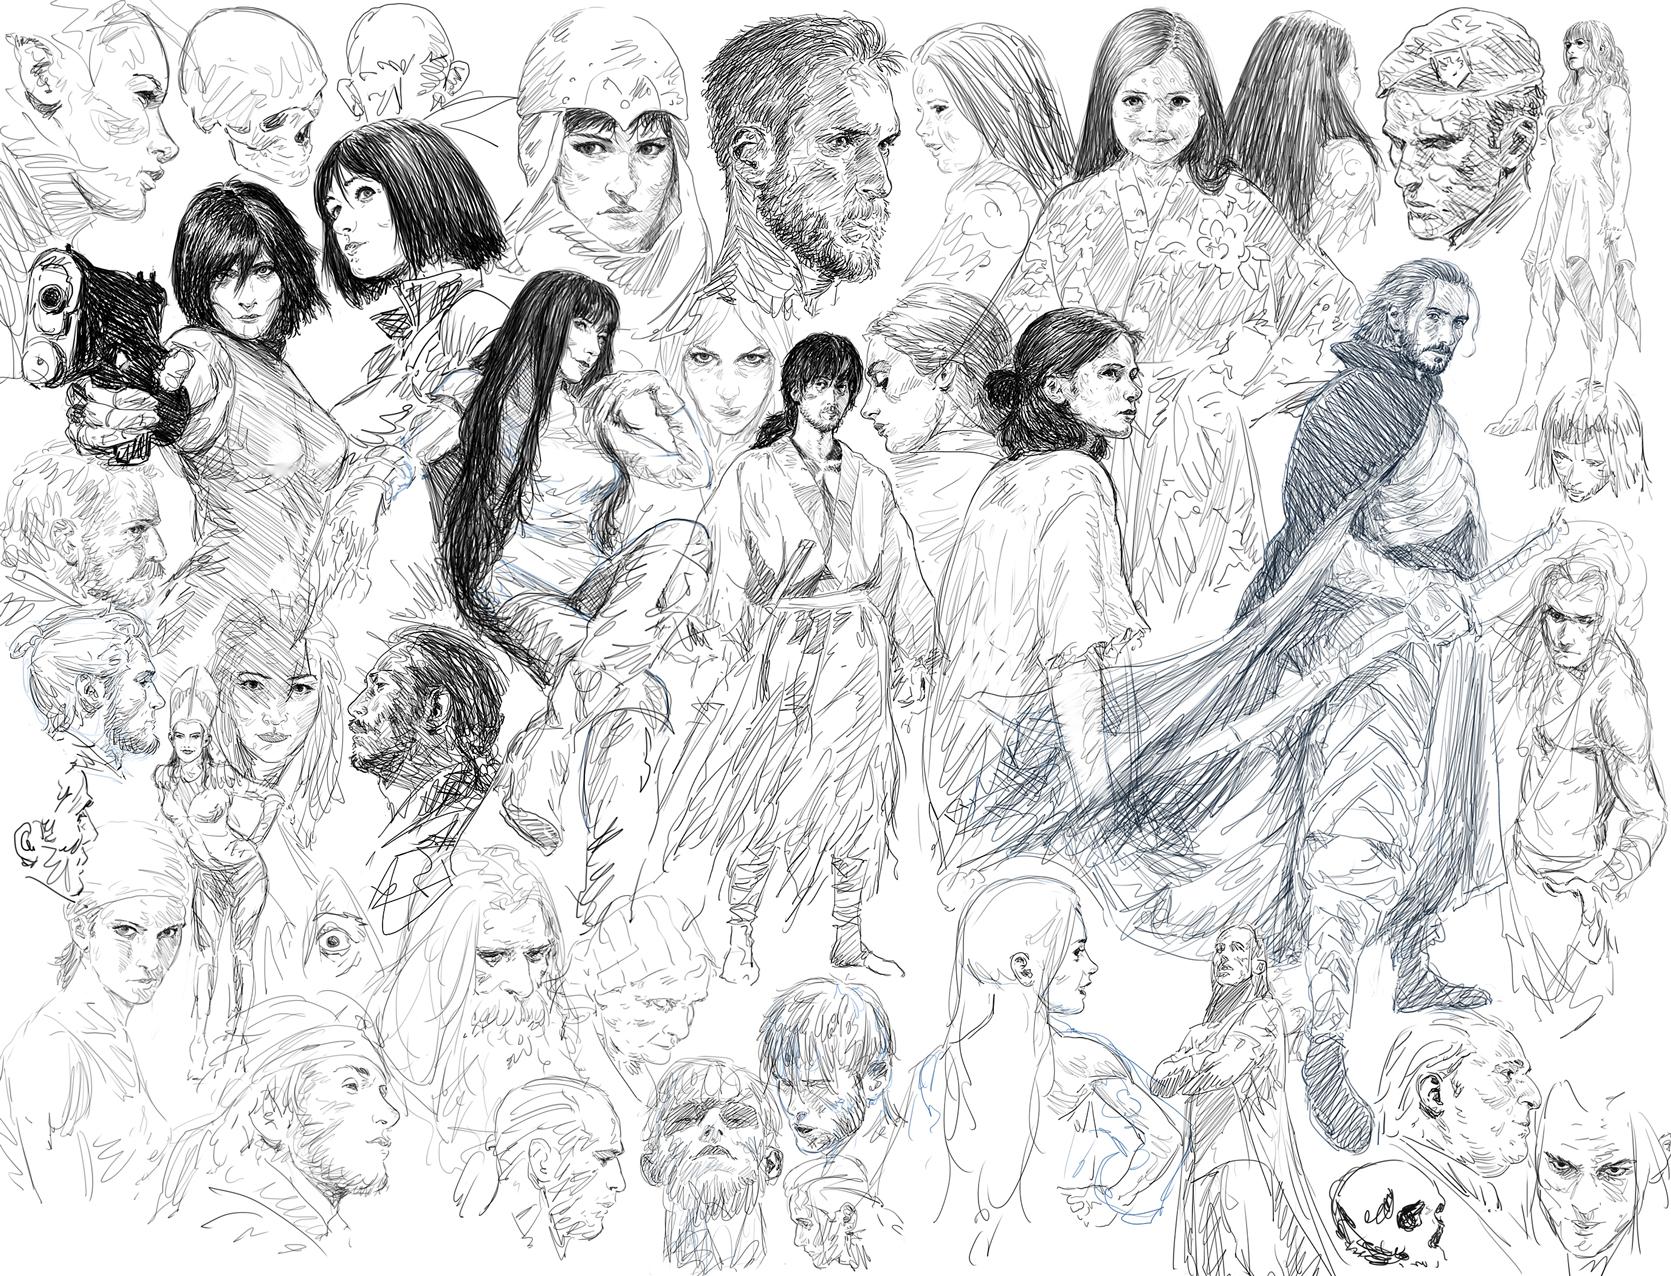 Recherches graphiques de Dagorath - Page 5 1568402852-random-sketches632294826